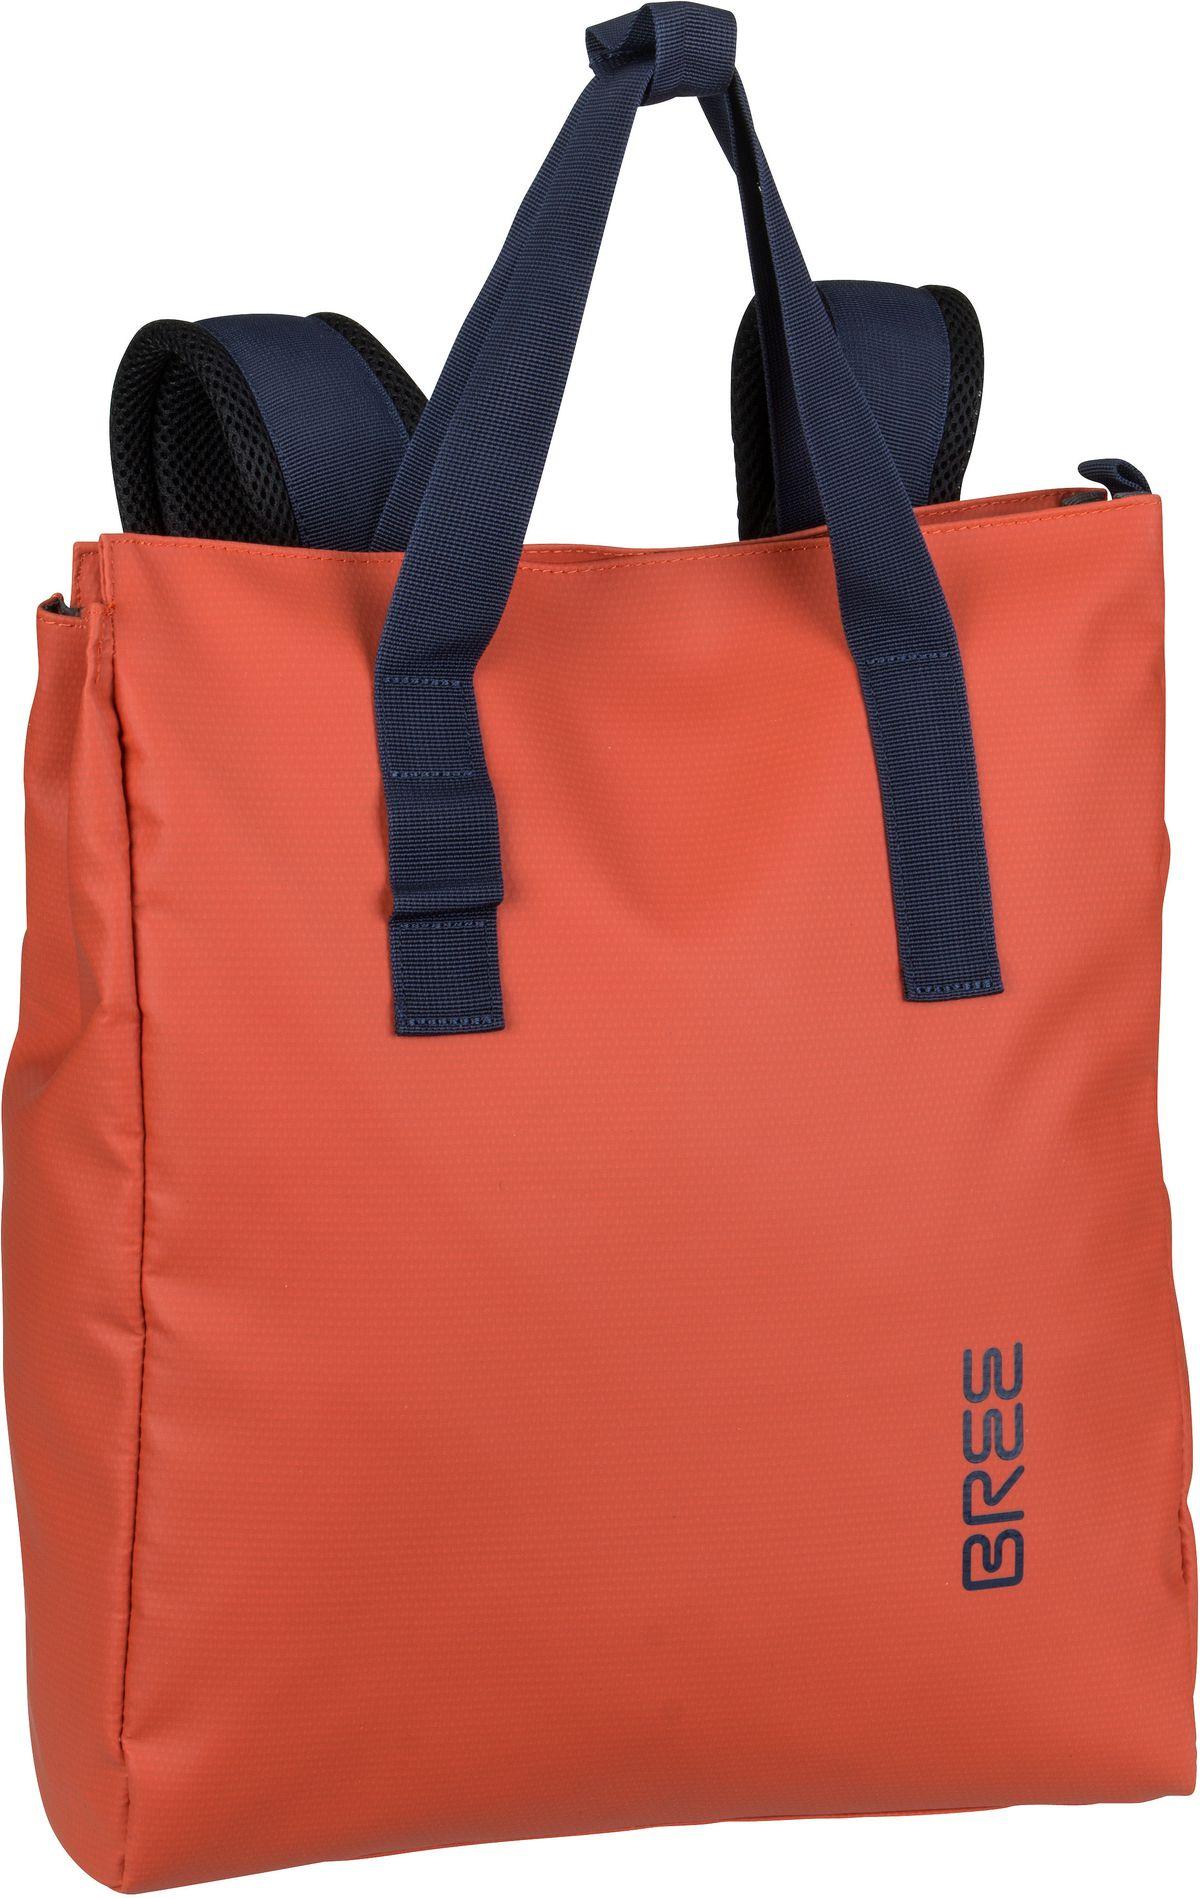 Rucksack / Daypack Punch 732 Pumpkin (15 Liter)